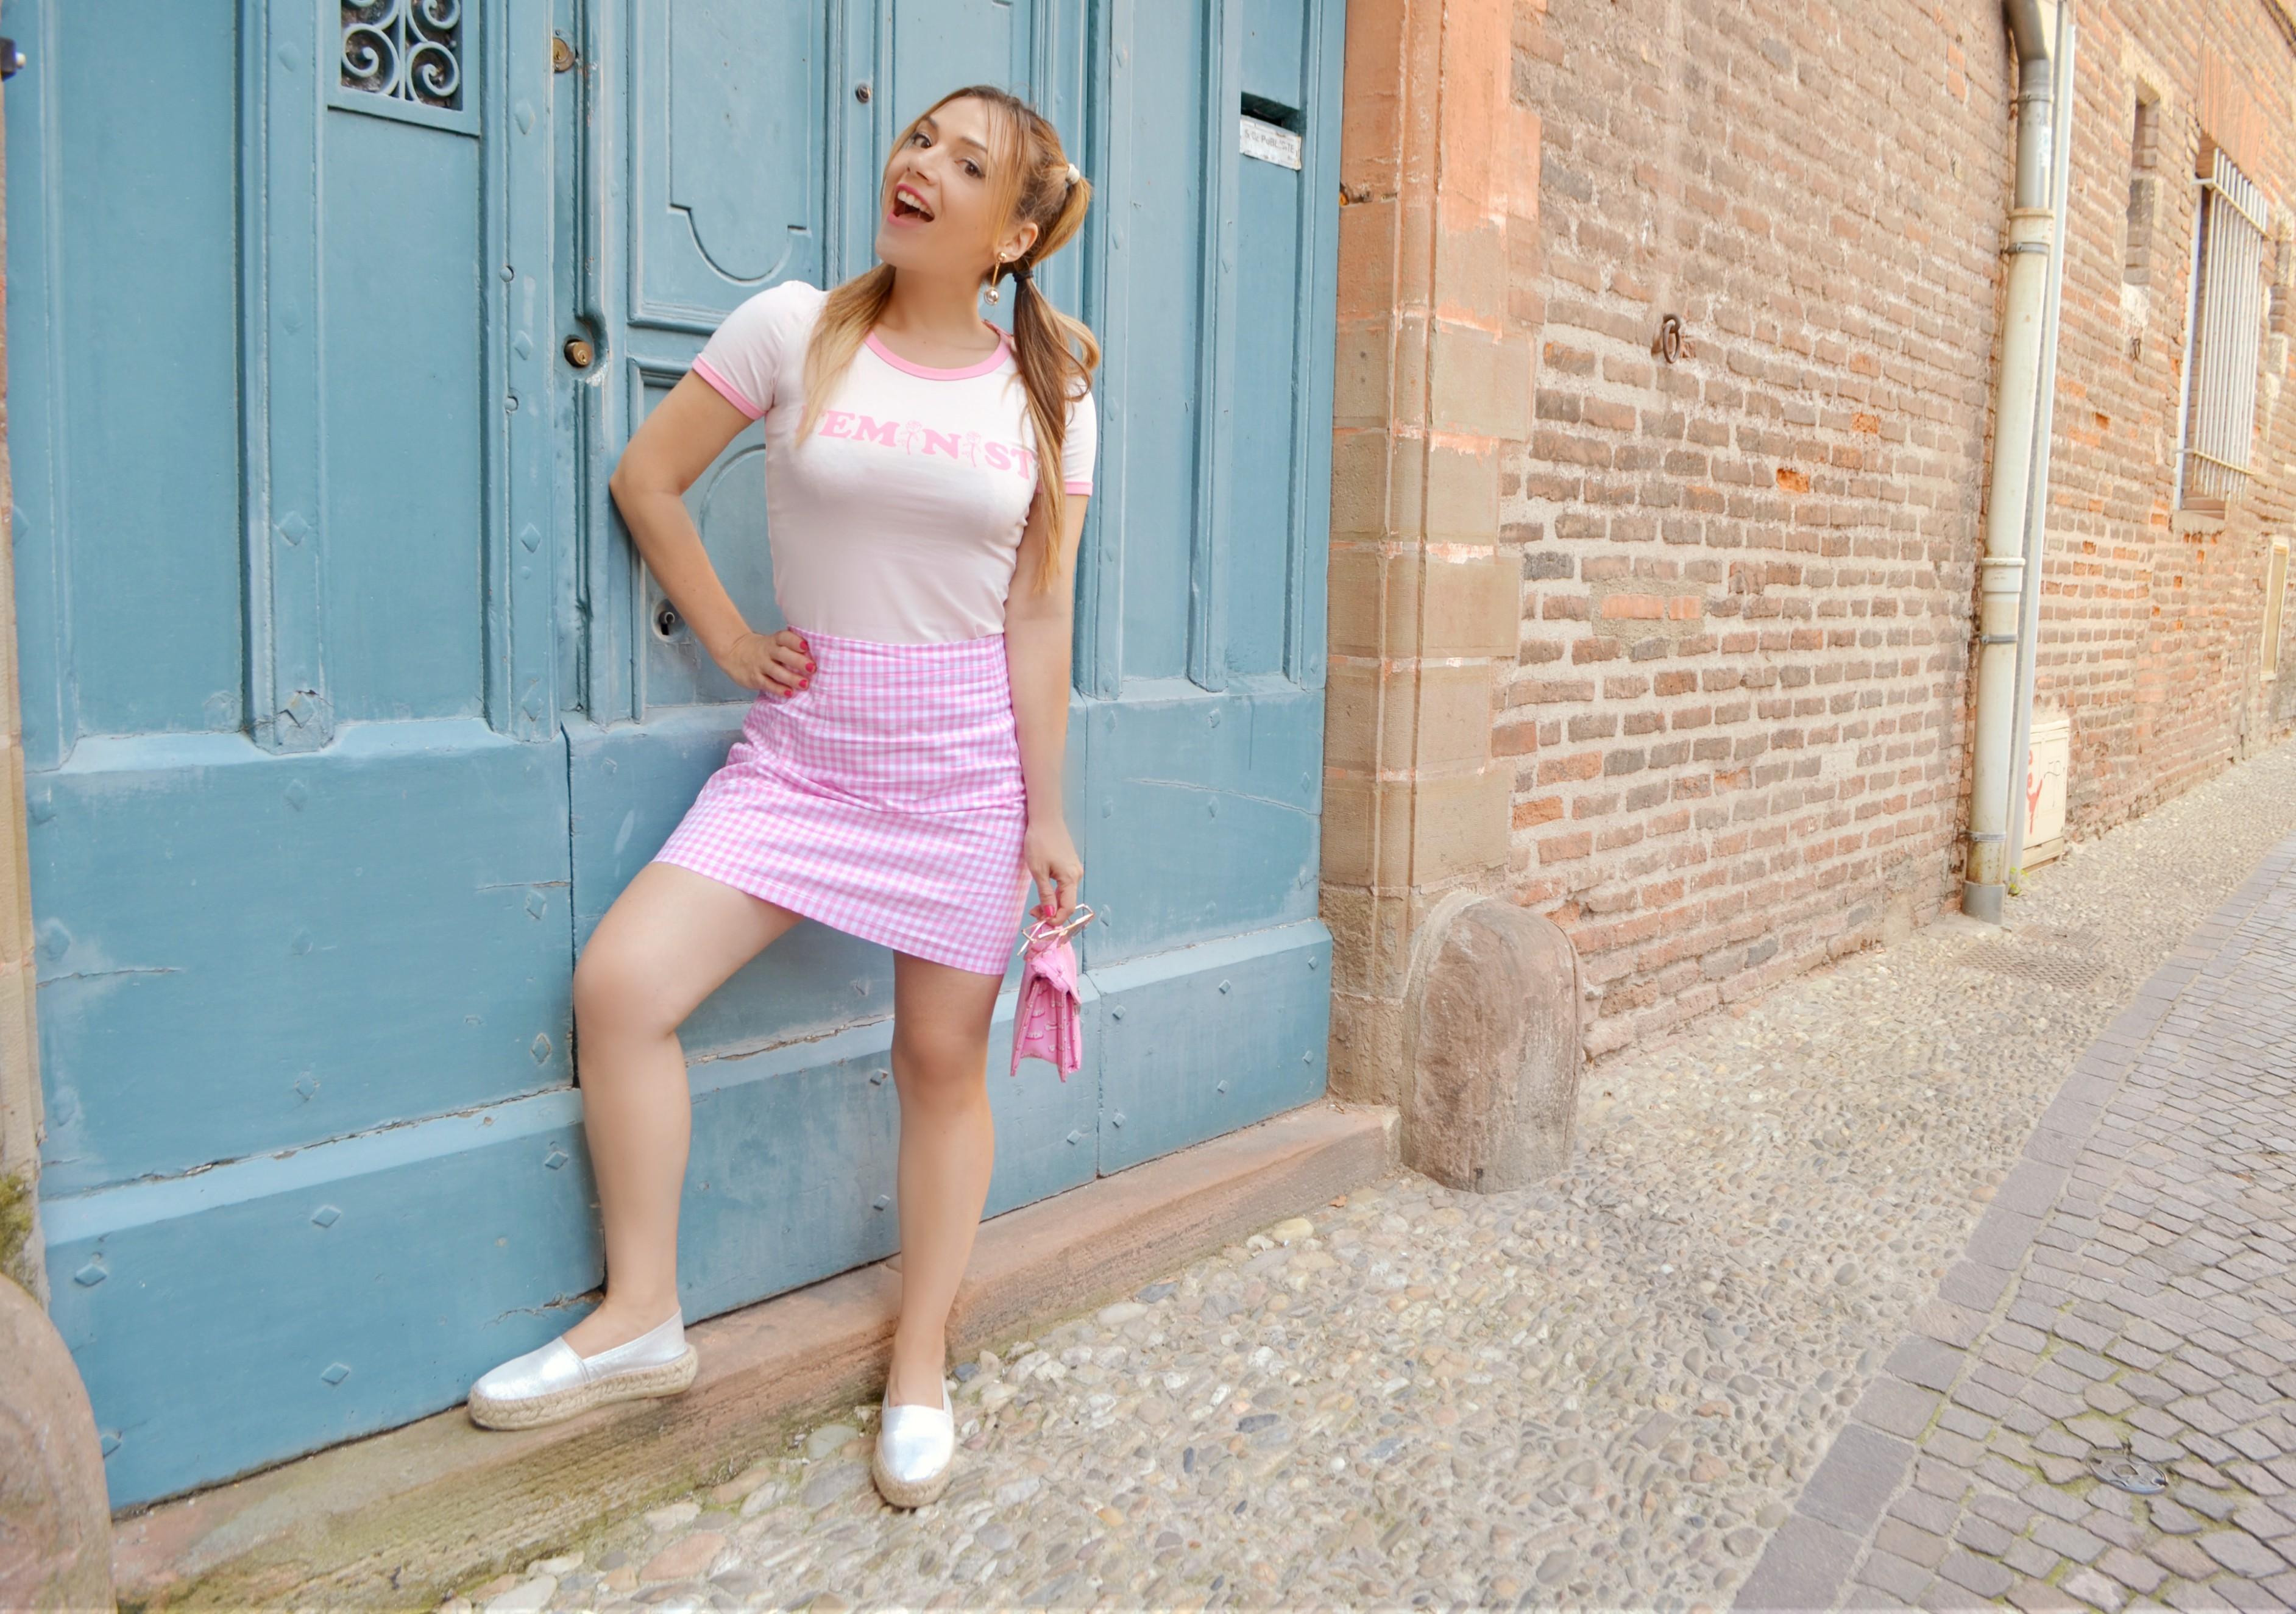 Pink-style-ChicAdicta-blog-de-moda-Chic-Adicta-cute-look-Albi-Francia-busonier-alpargatas-verono-outfit-PiensaenChic-Piensa-en-Chic